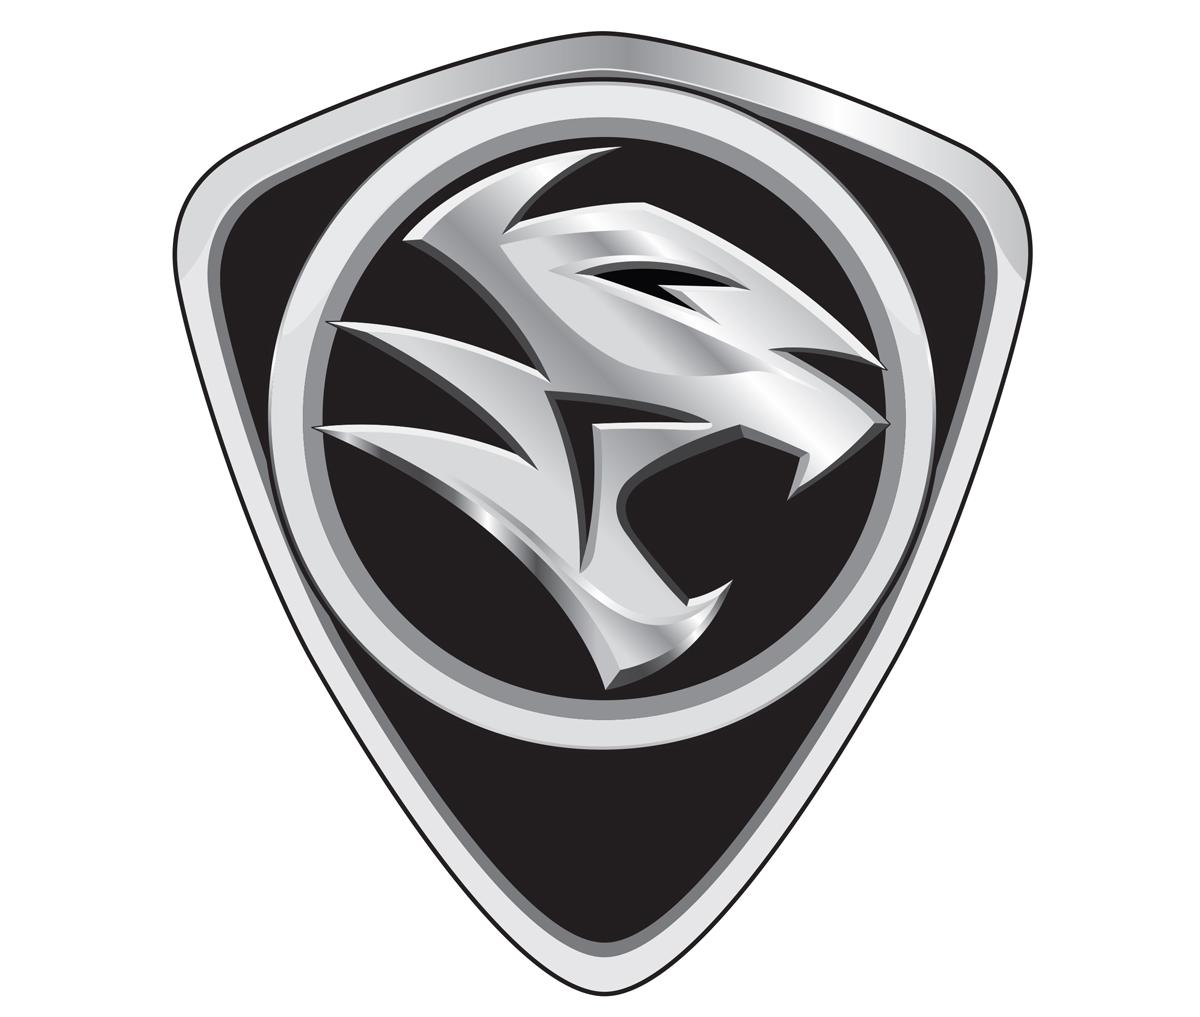 Très Le logo Proton | Les marques de voitures MX63